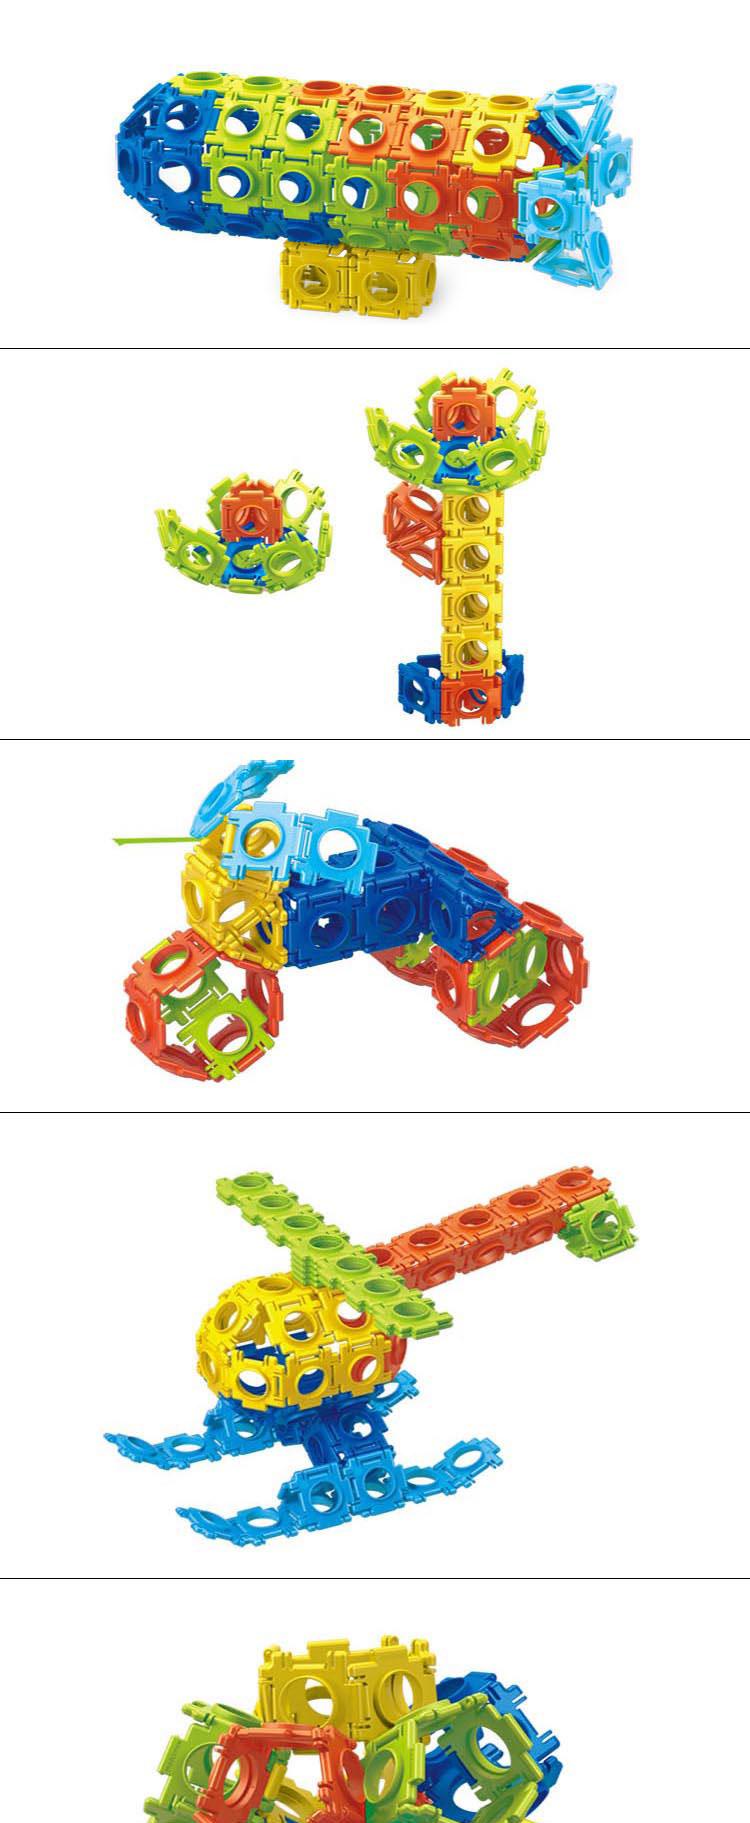 En71 Approval 120PCS Educational Toys Children Building Block Toys (10274042)